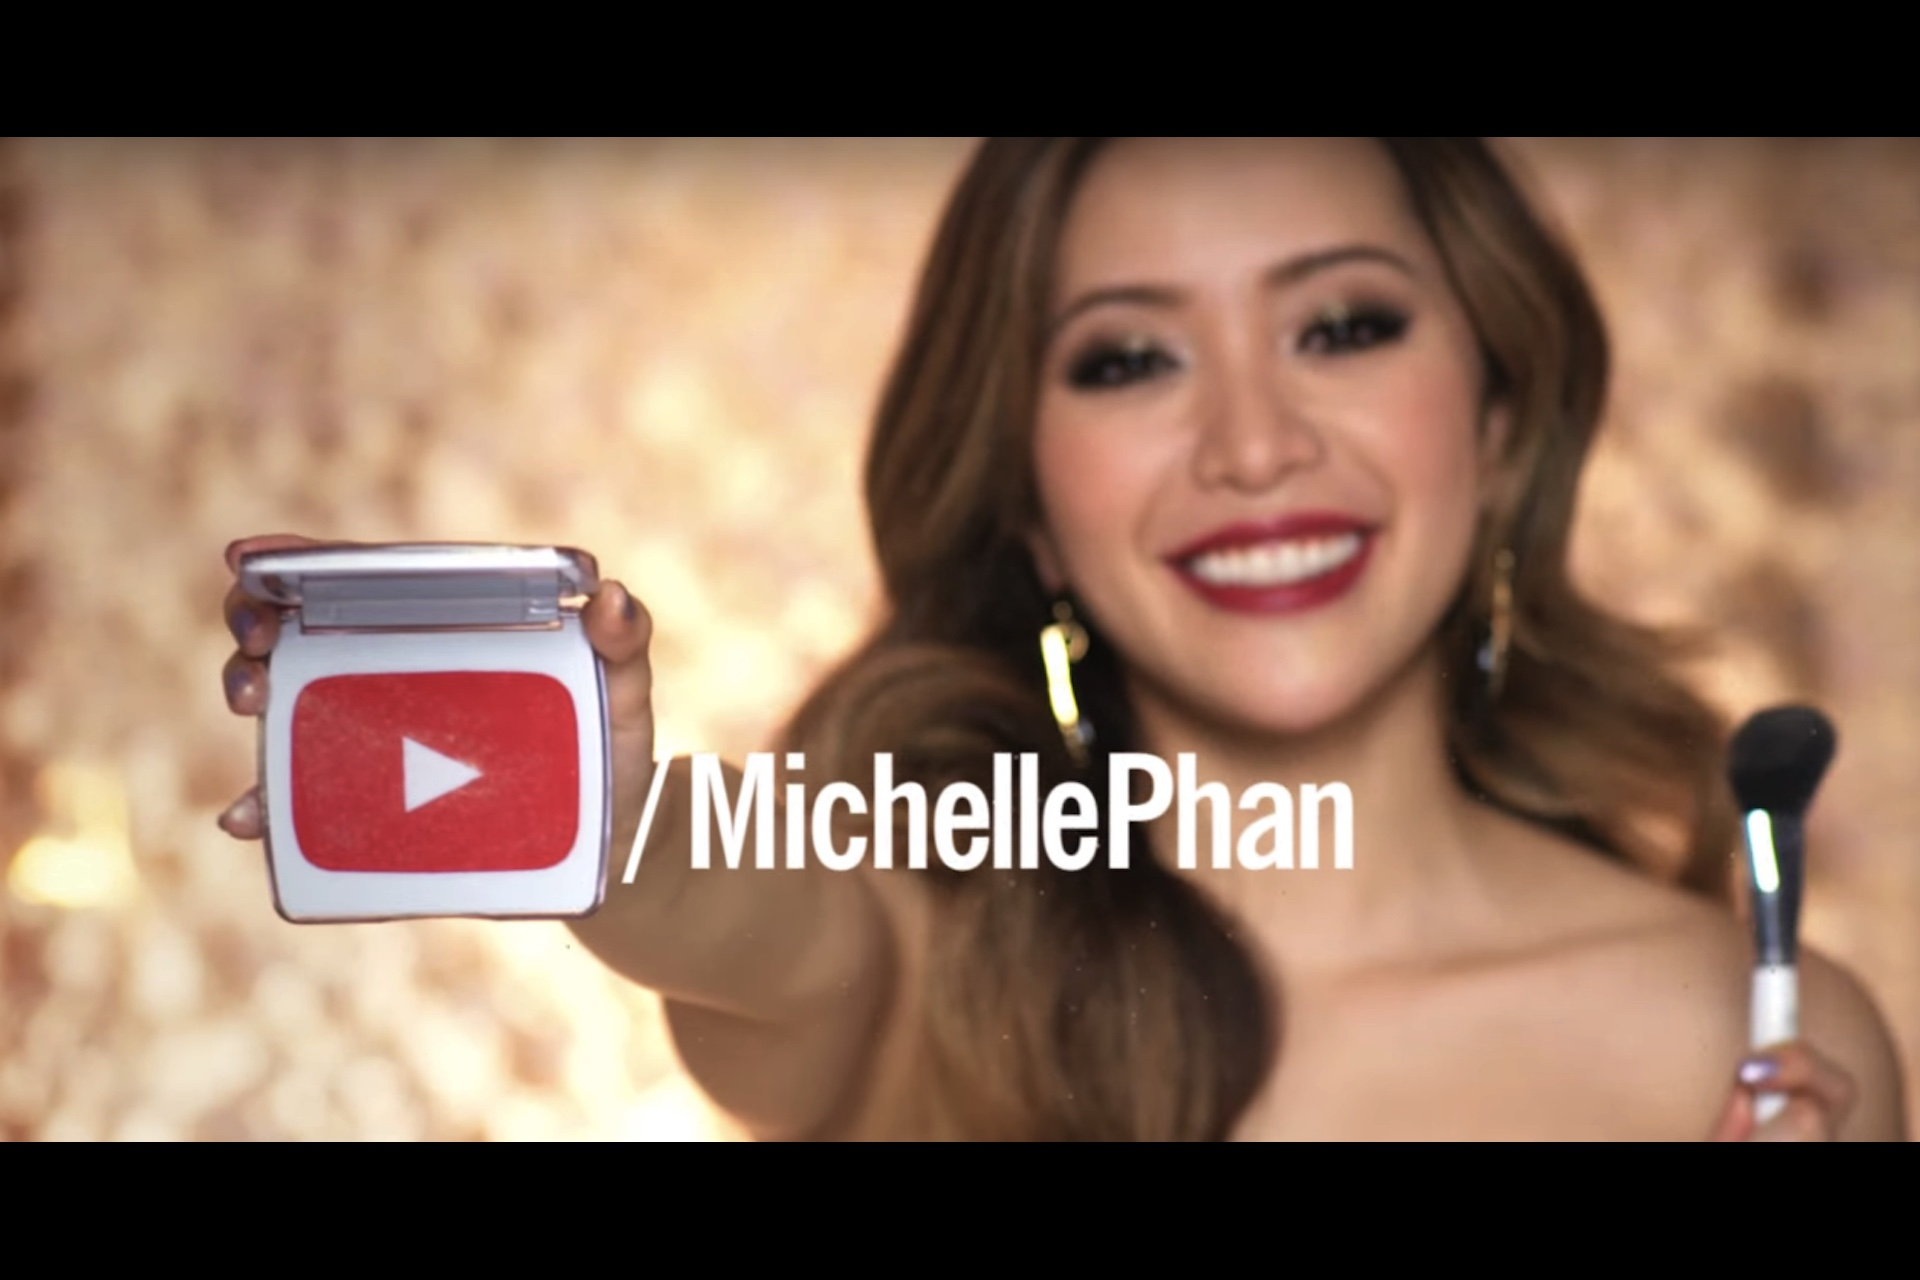 在家輕鬆賺?素人明星 Vlogger 的崛起 – Michelle Phan 的數位影音帝國